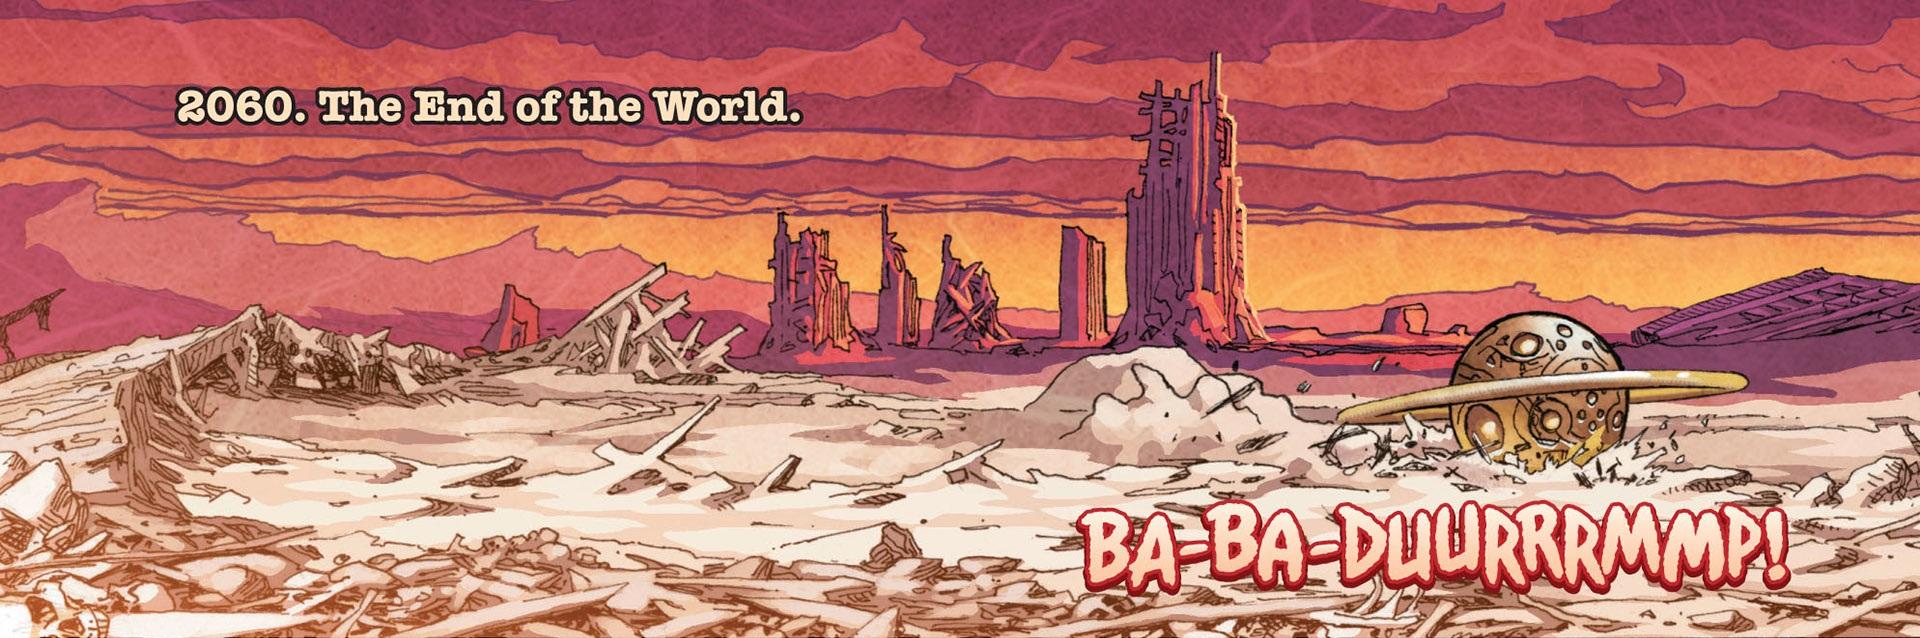 Earth-89311